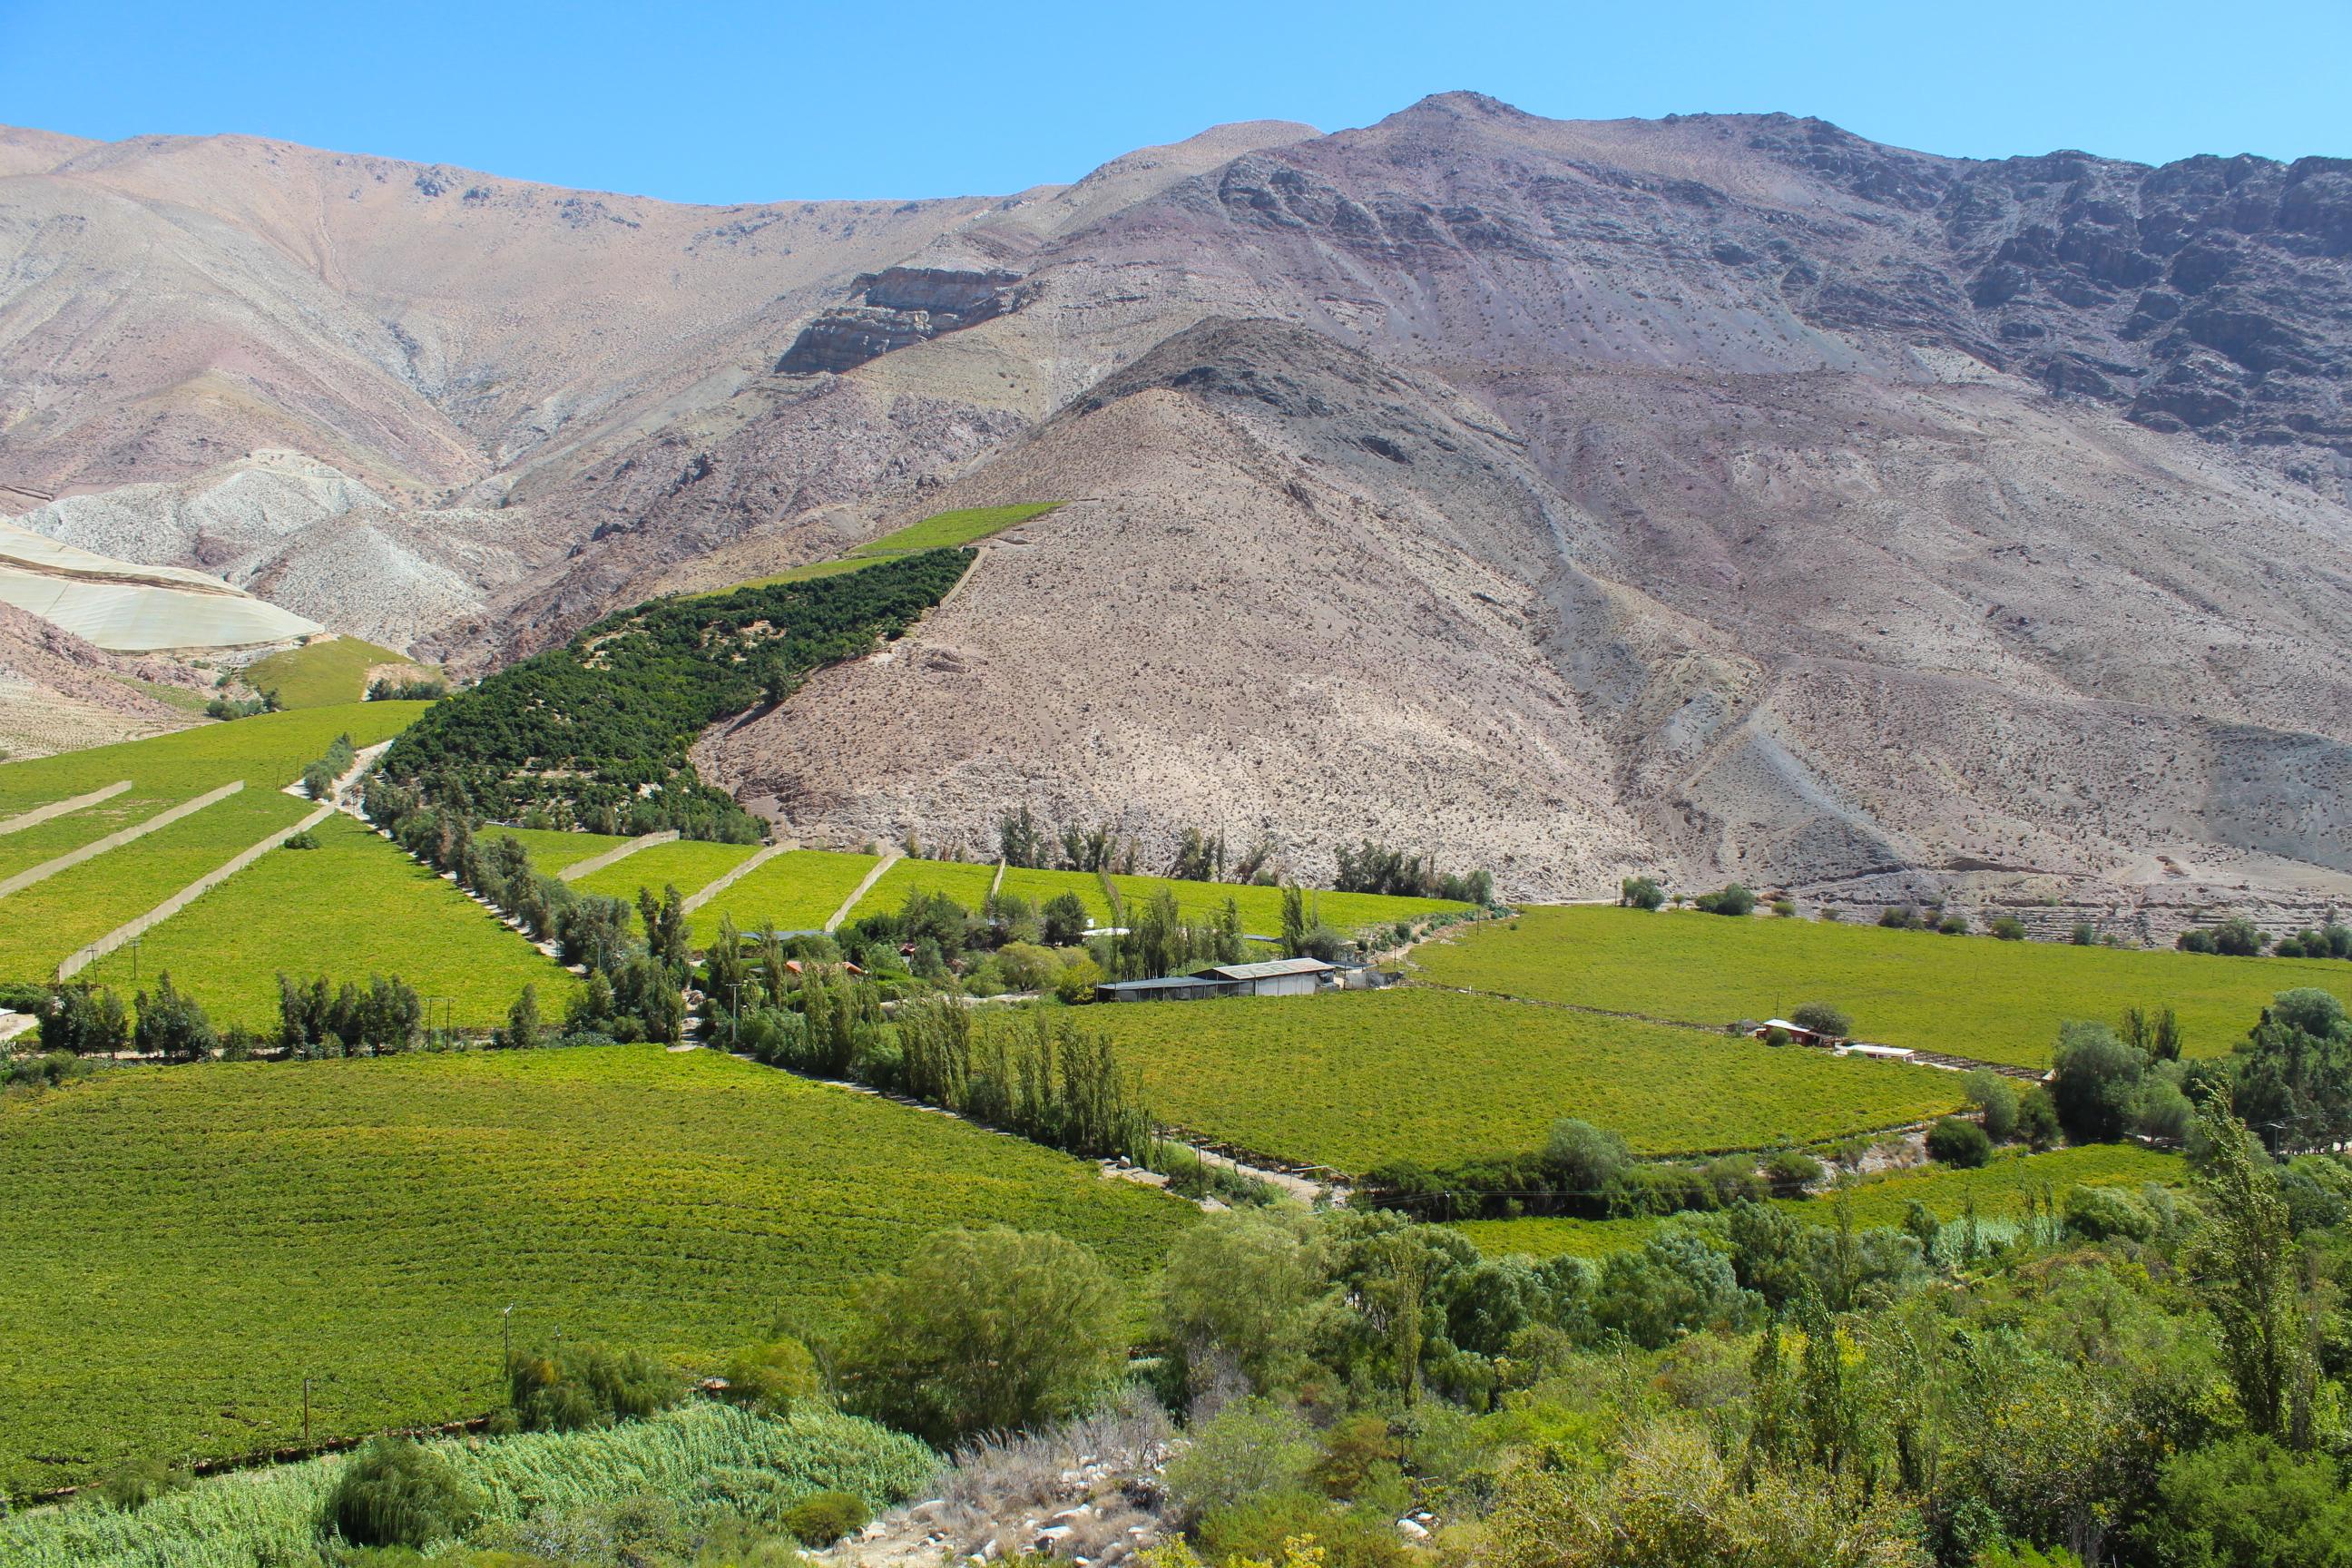 3 días en el Valle de Elqui y sus paisajes cargados de viñedos